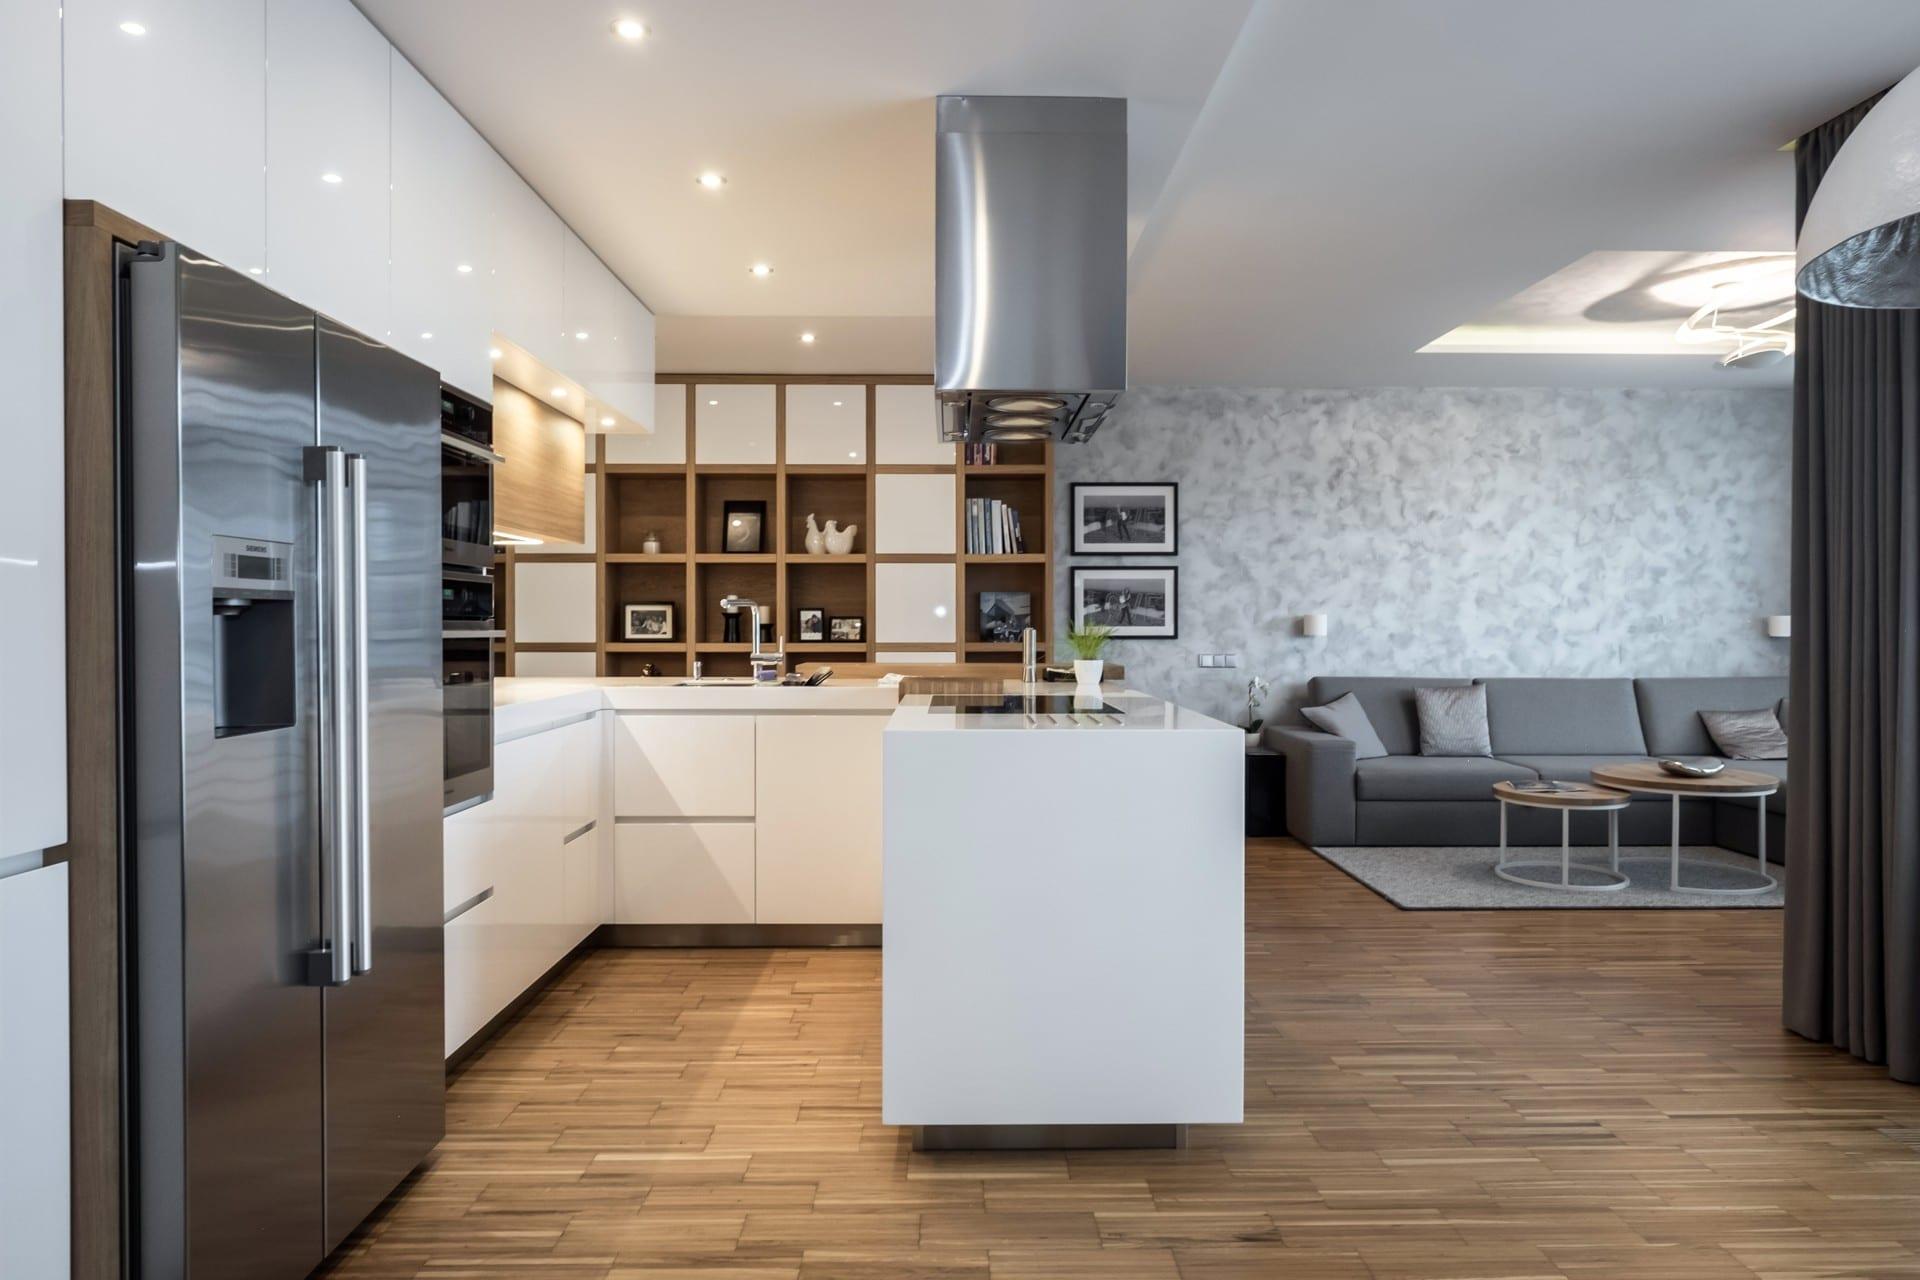 Obývací pokoj s kuchyní pro náročnější zákazníky